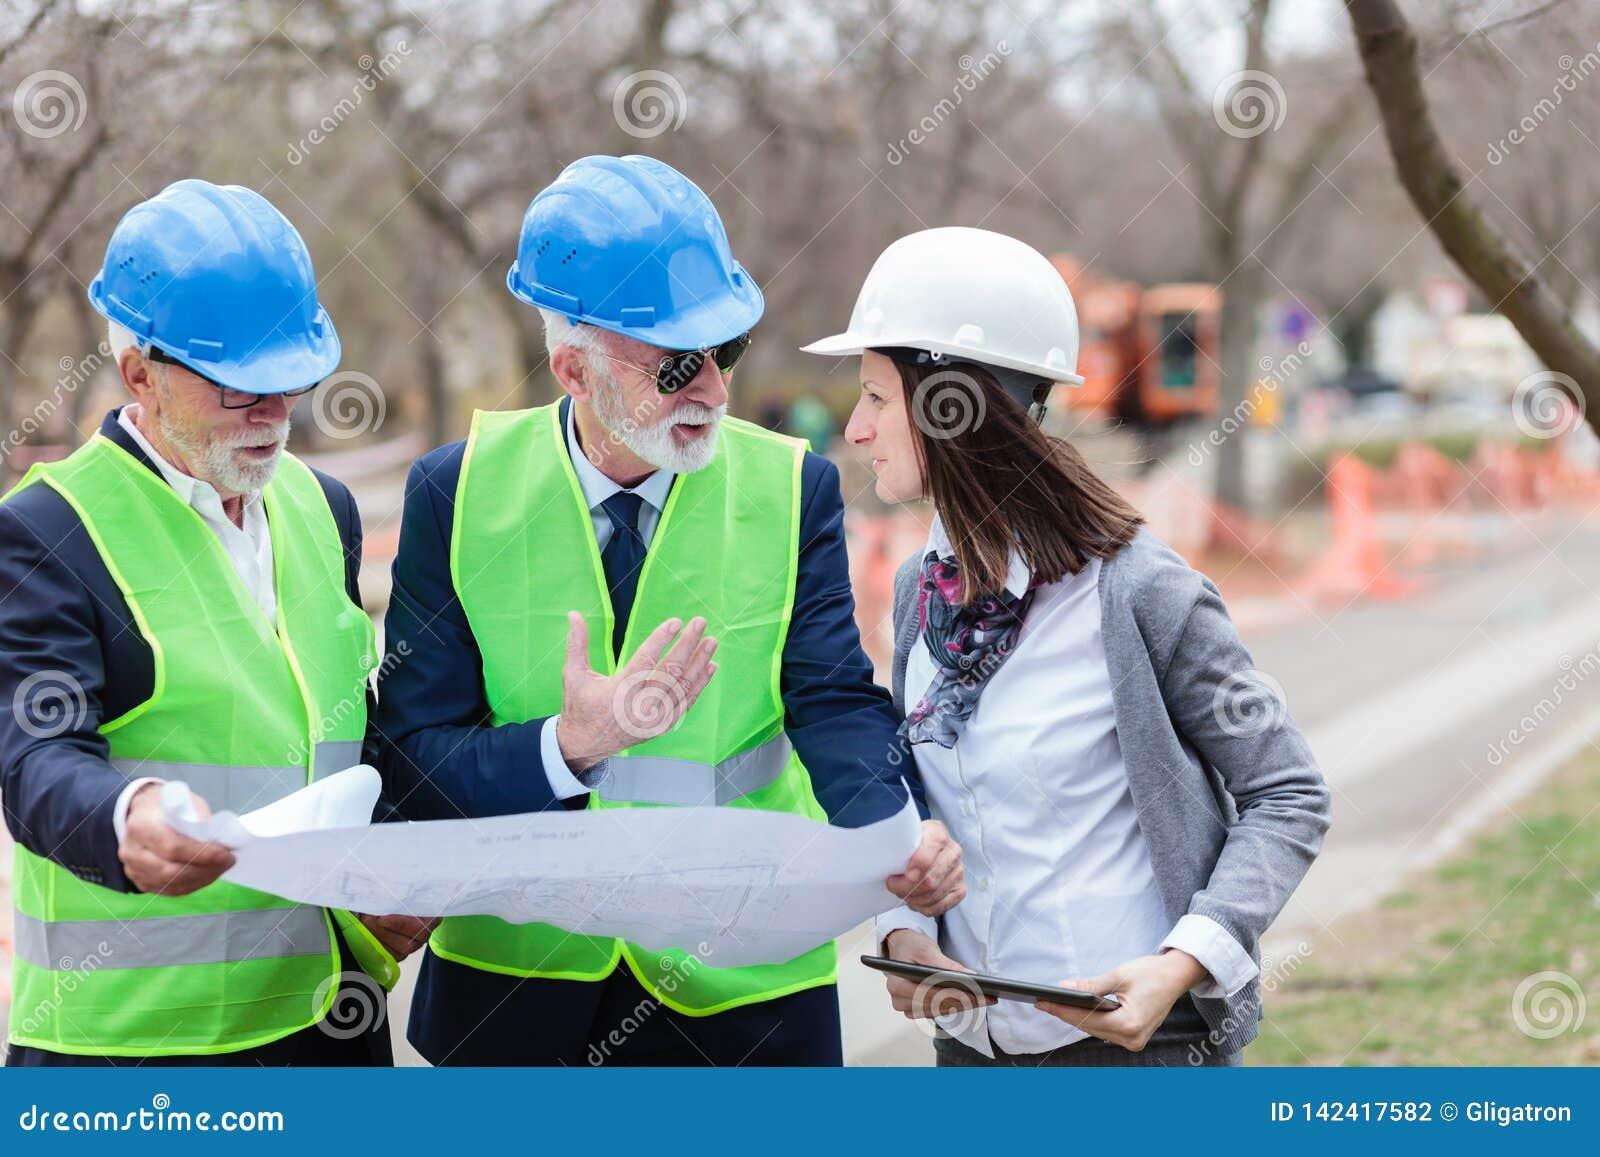 Gruppo misto di architetti e di soci commerciali che discutono i dettagli di progetto su un cantiere